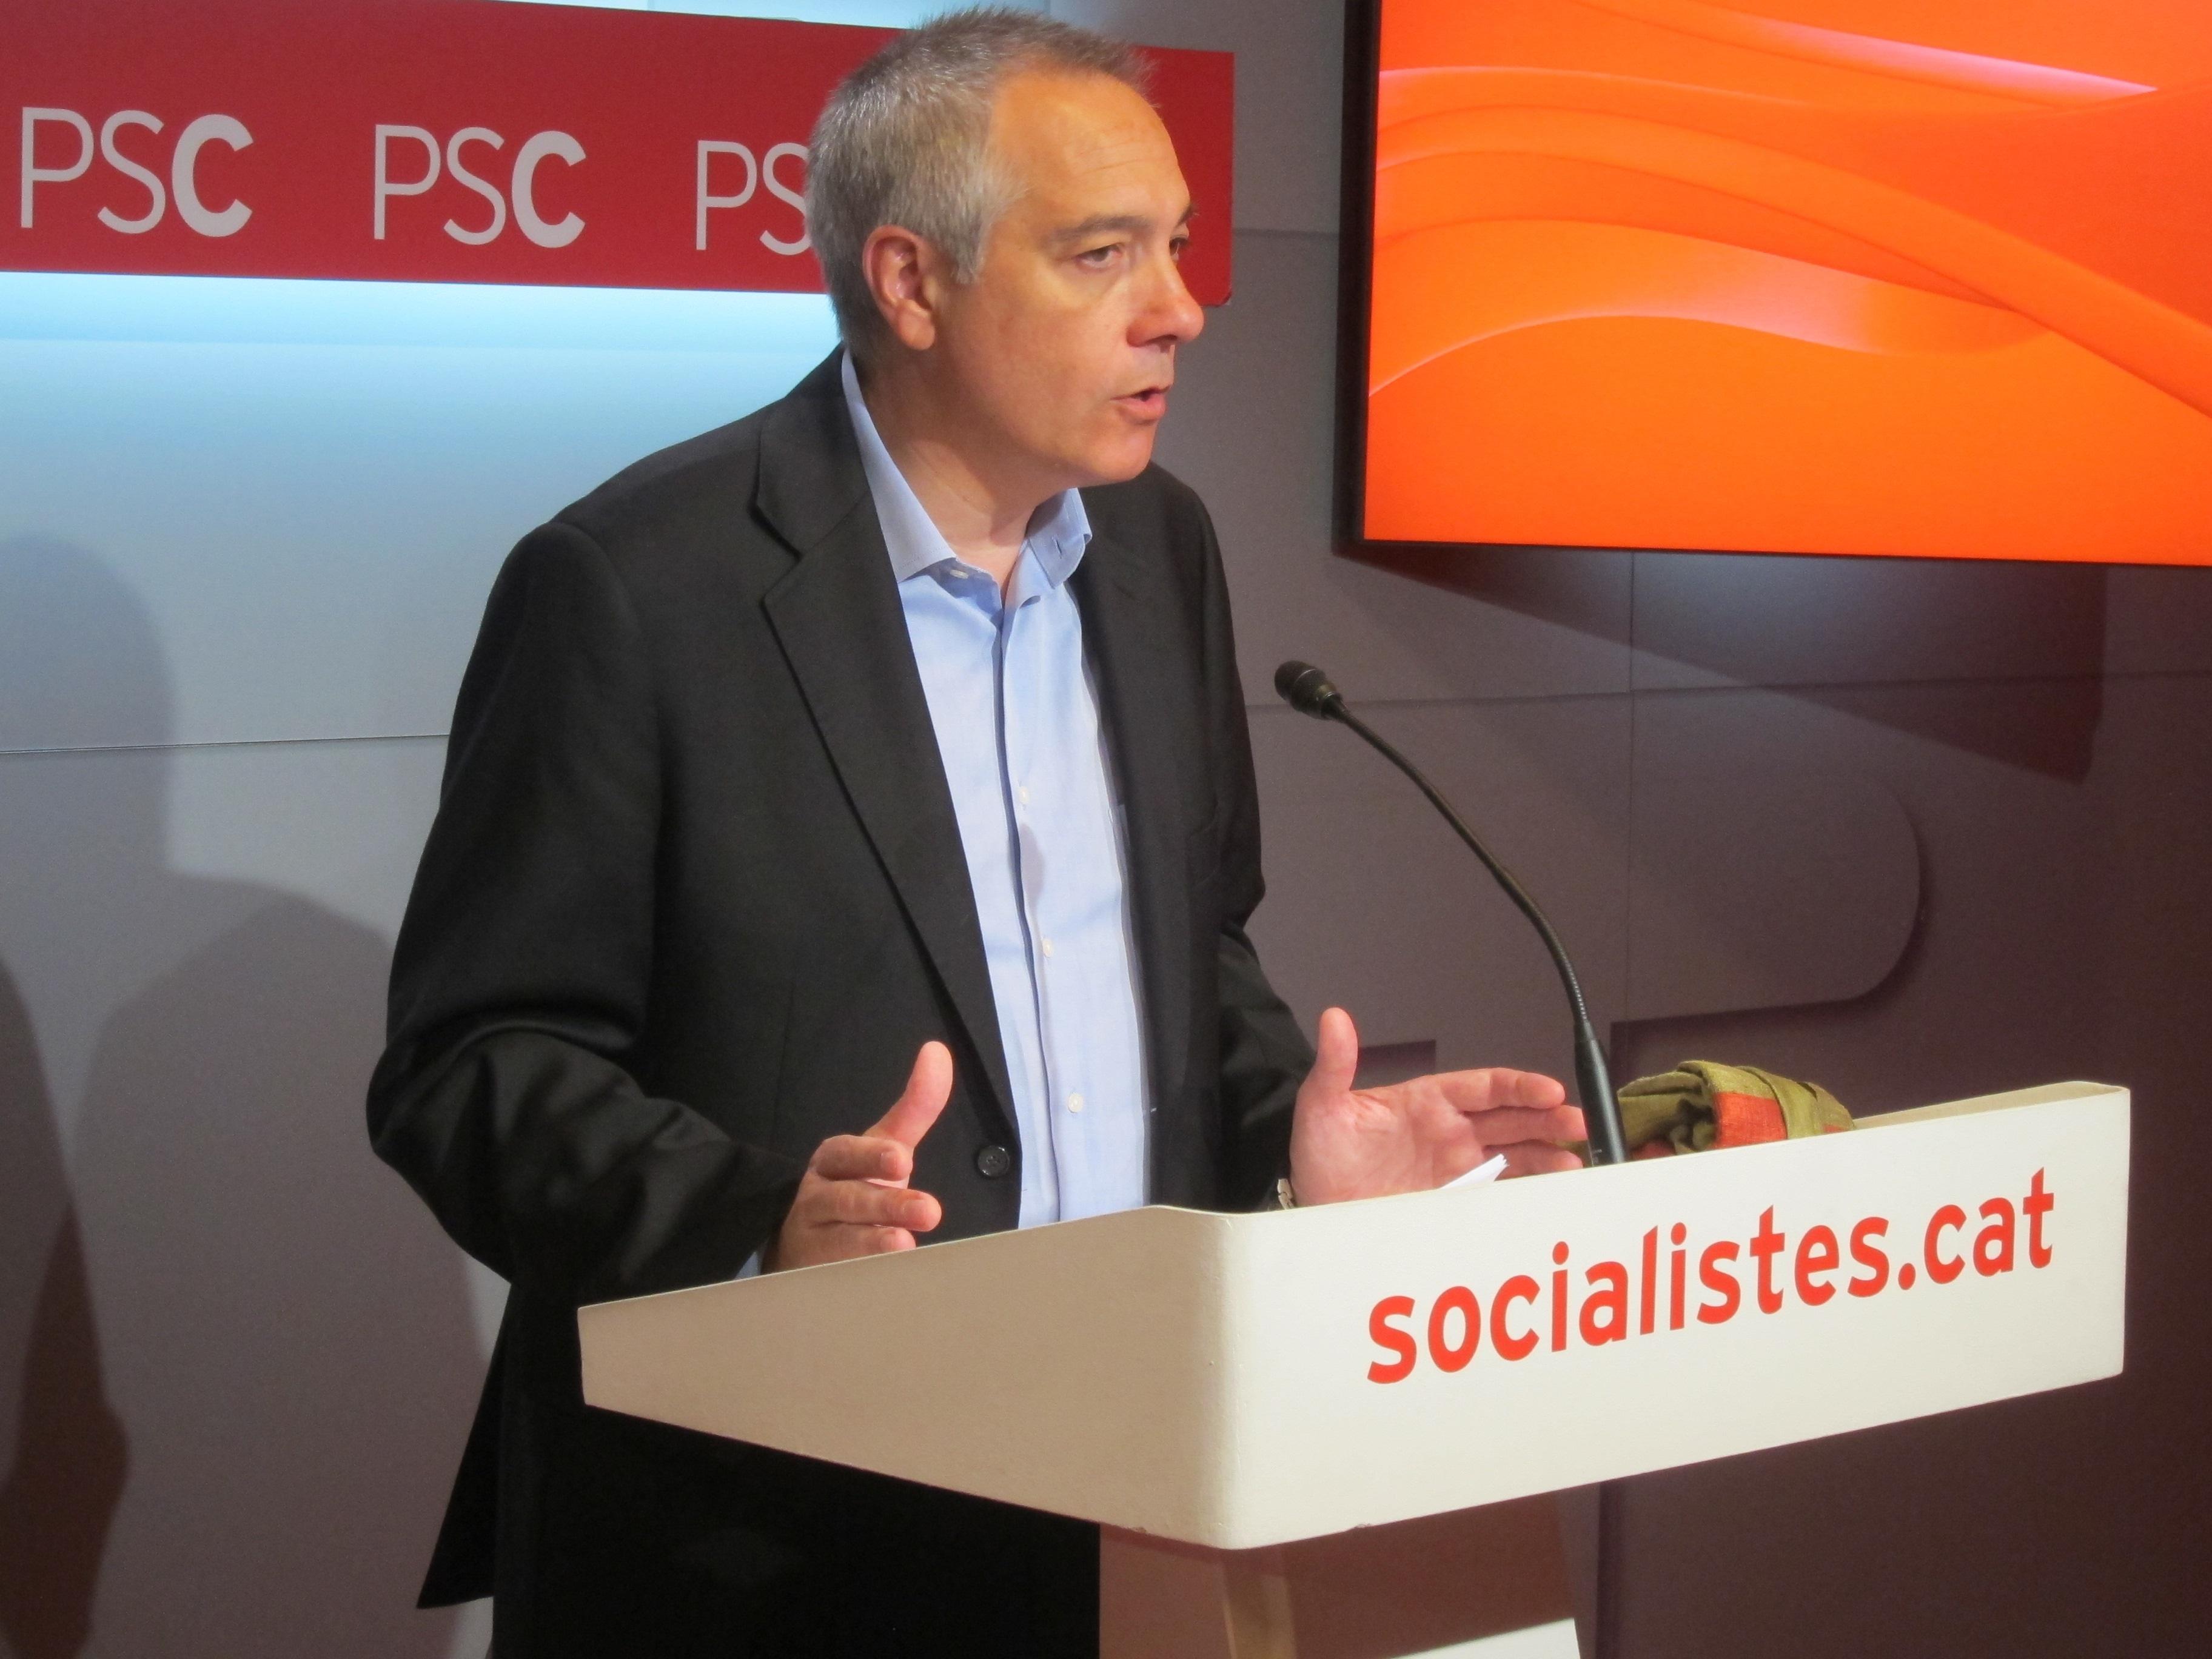 Lambán y el líder del PSC coinciden en la necesidad de reformar la Constitución